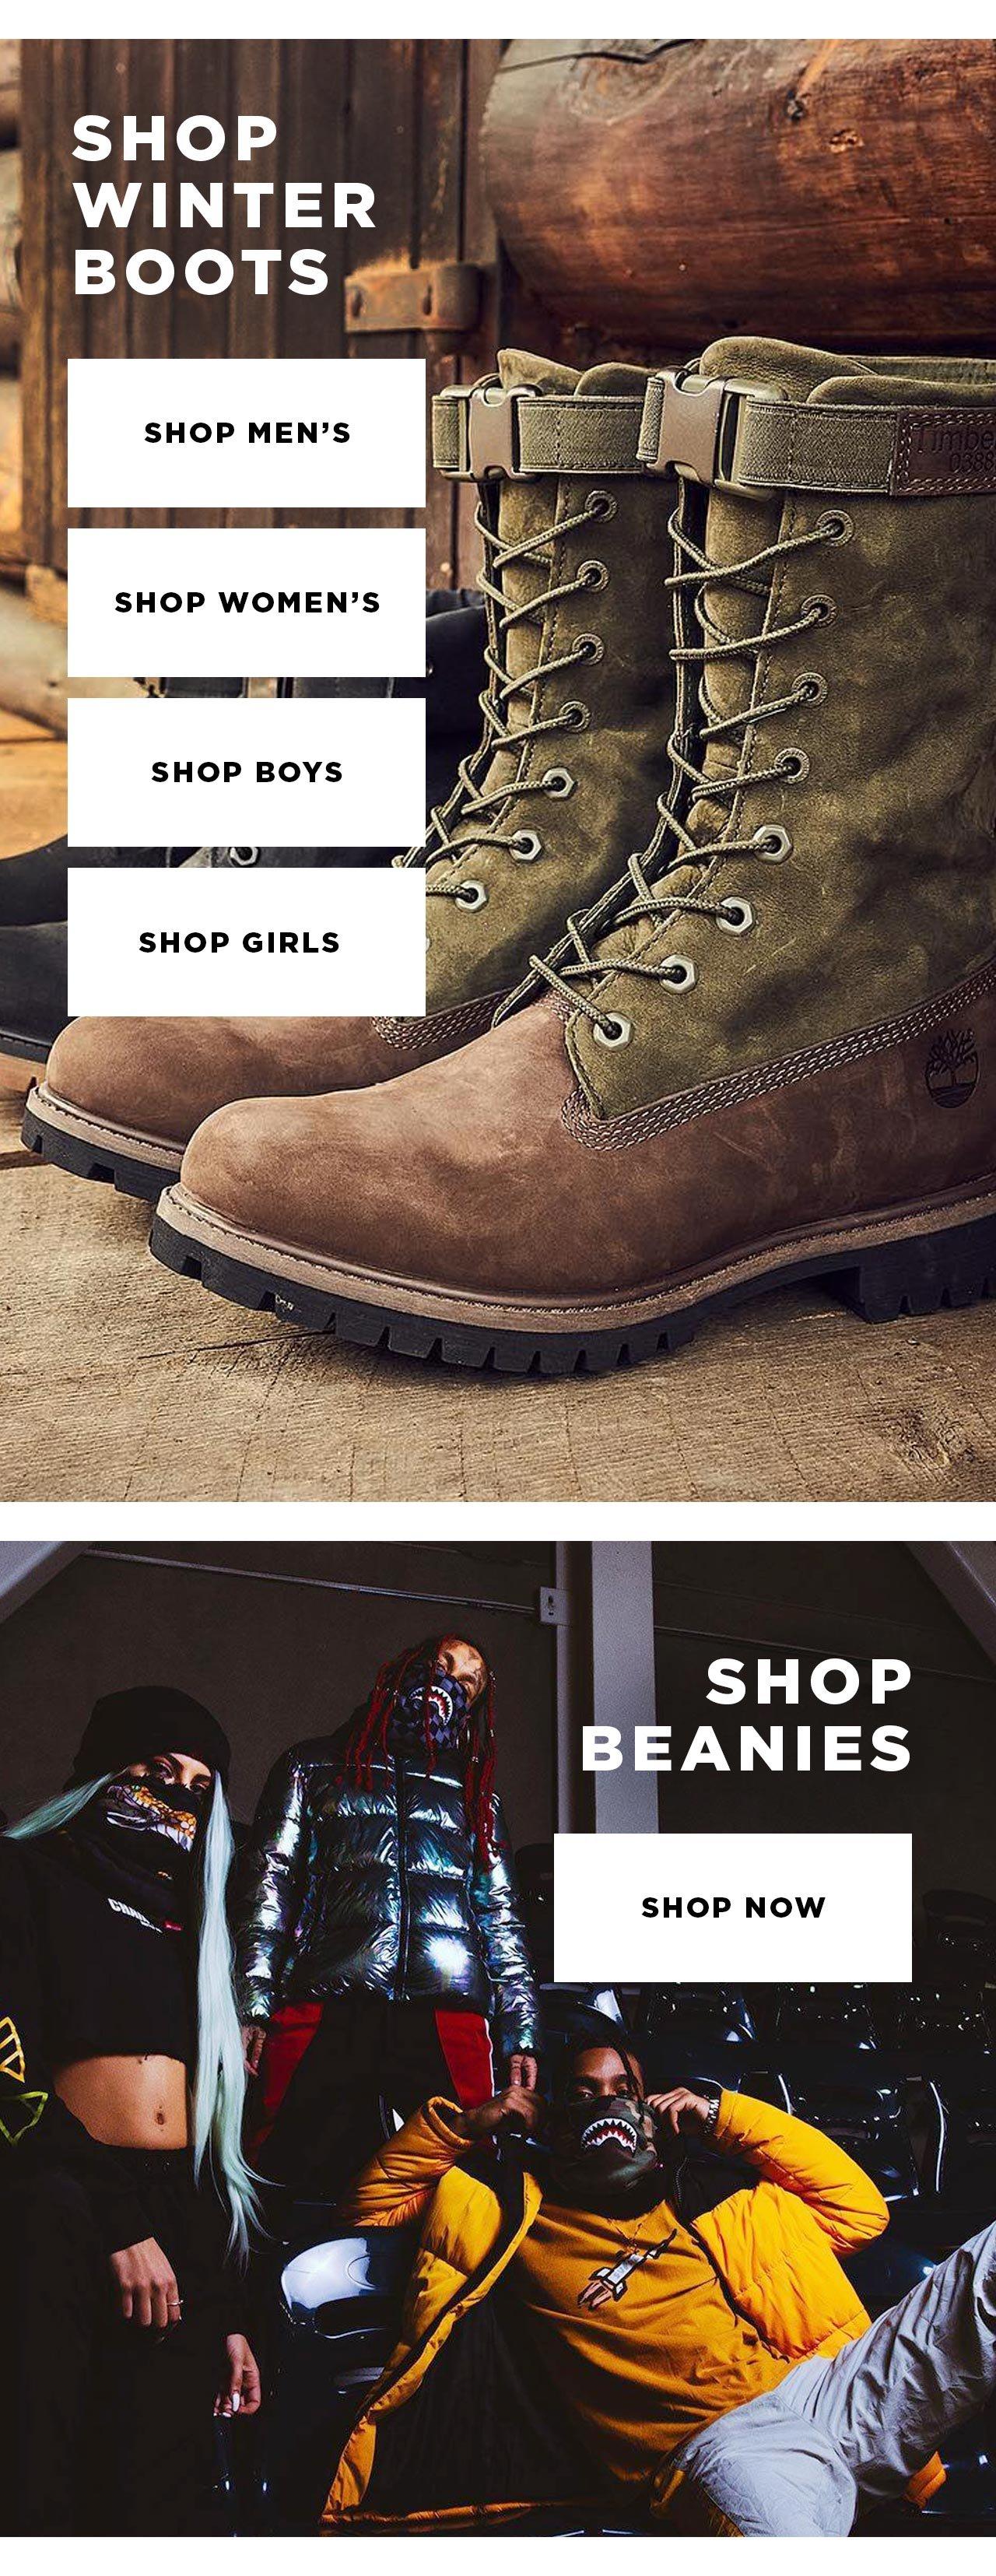 Winter Boots at DrJays.com